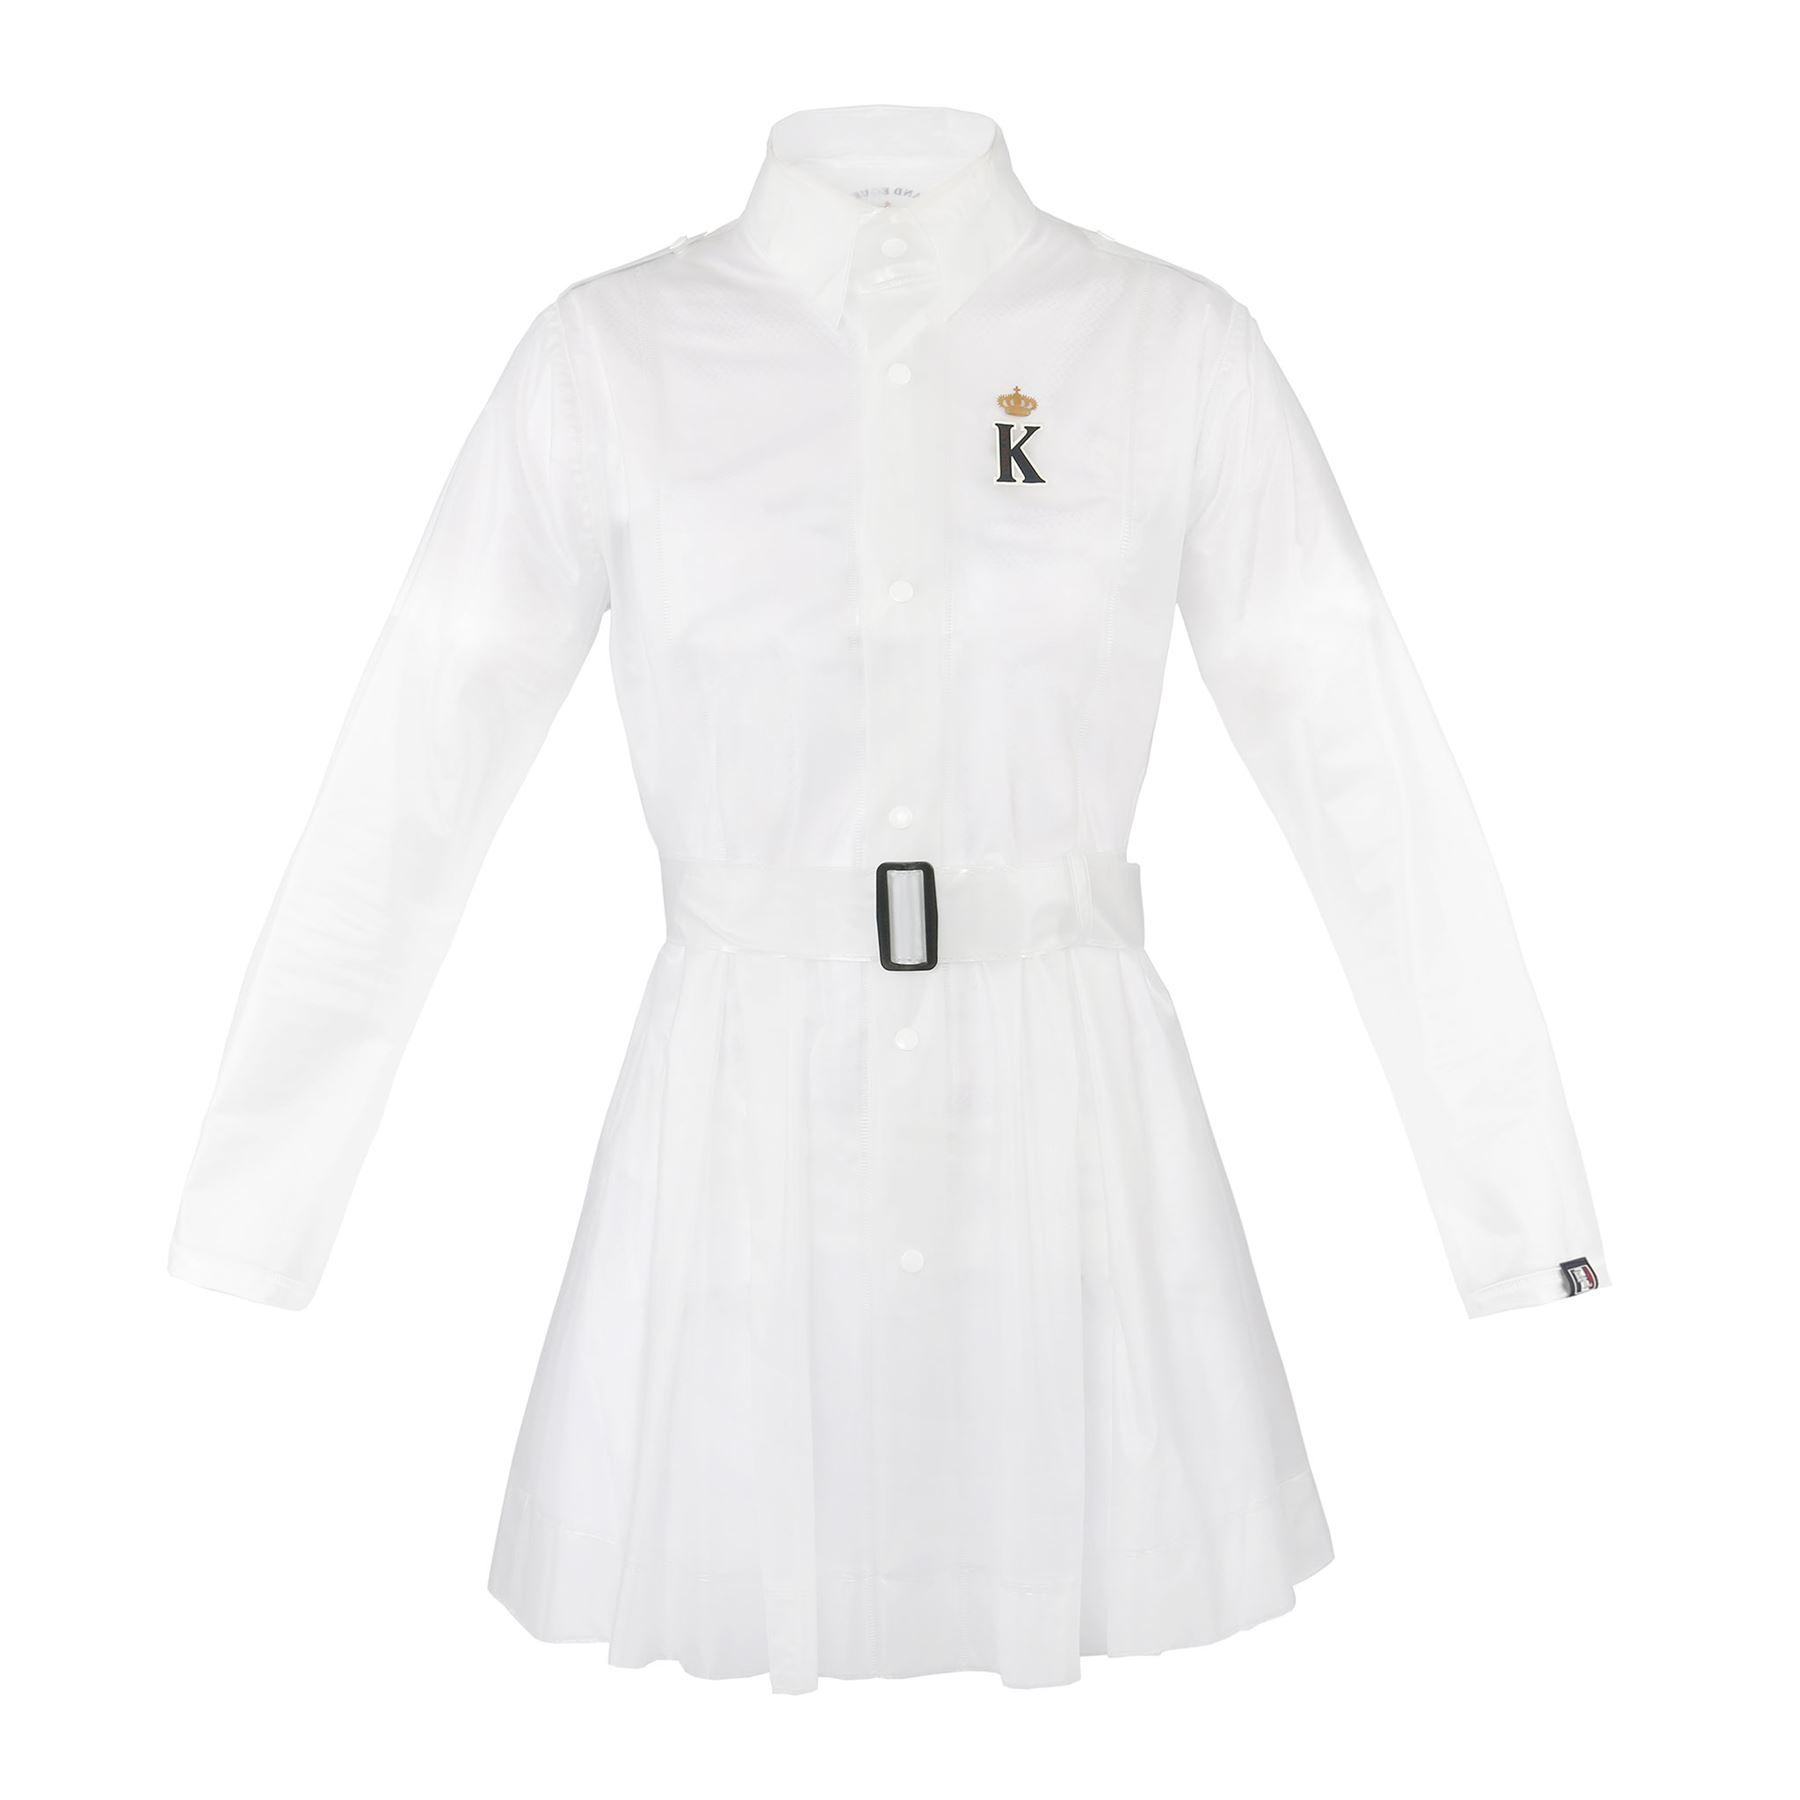 Kingsland  Stylish Feminine Ladies Fashionable Outdoor Breathable Oslo Rain Coat  up to 60% off